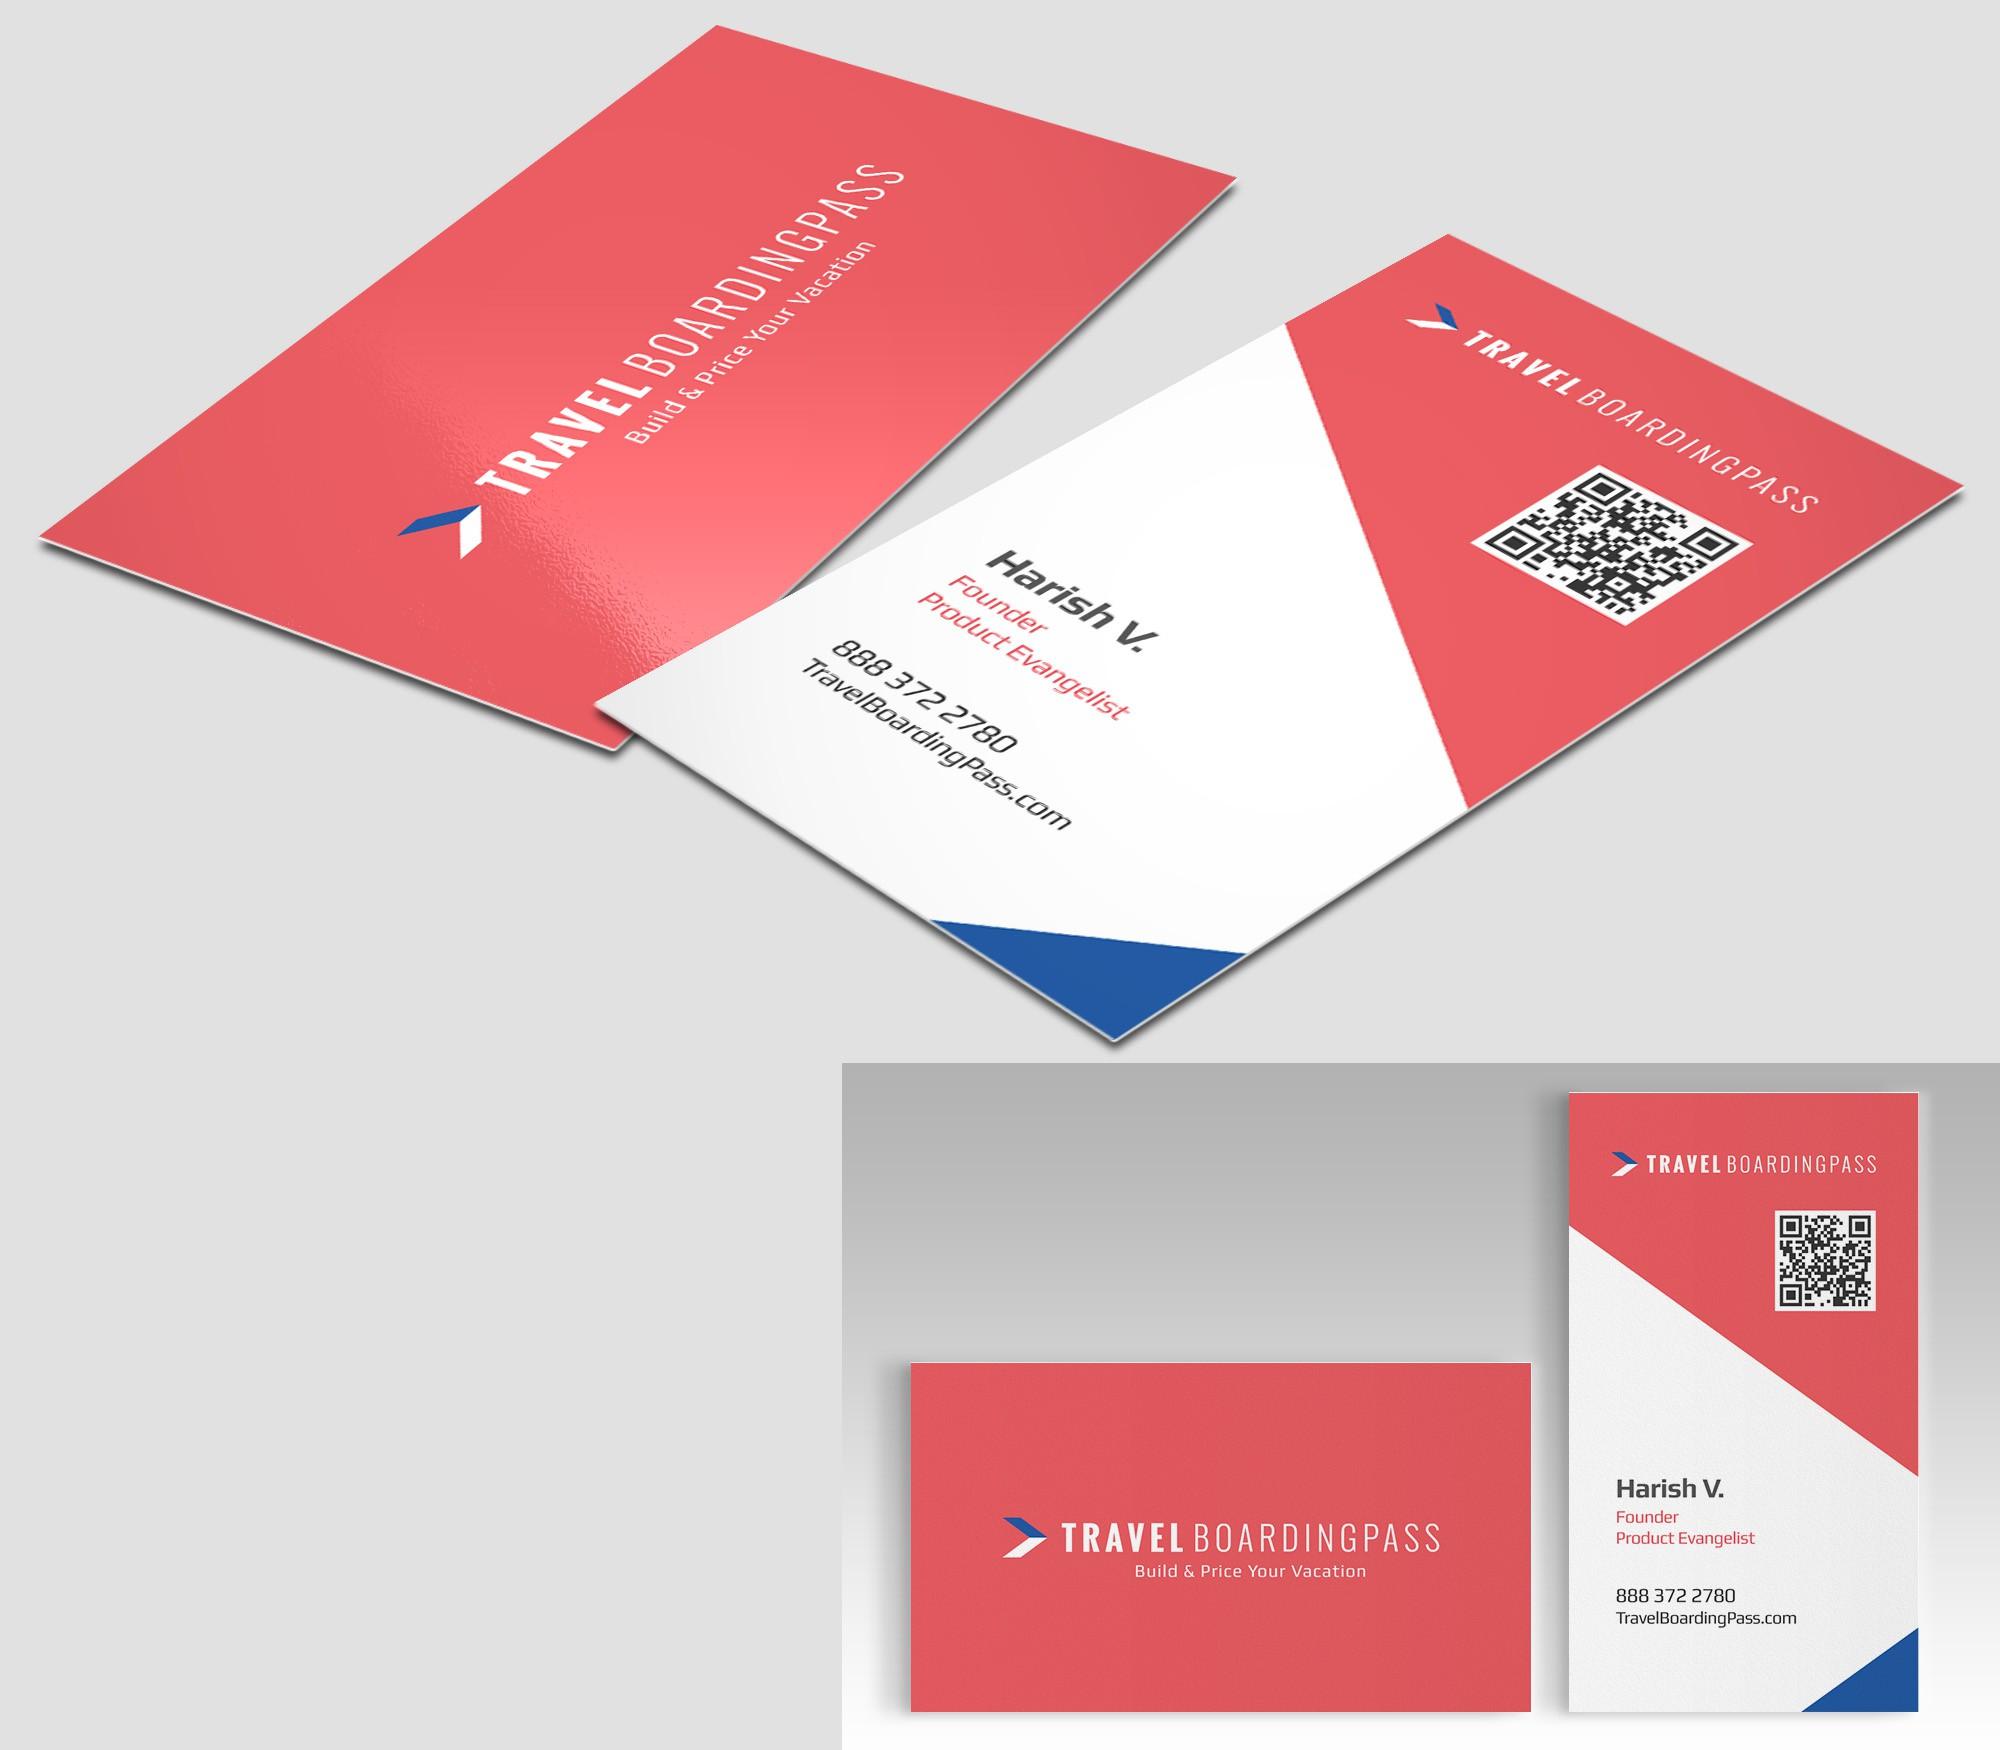 Design an STUNNING business card for Travelboardingpass.com